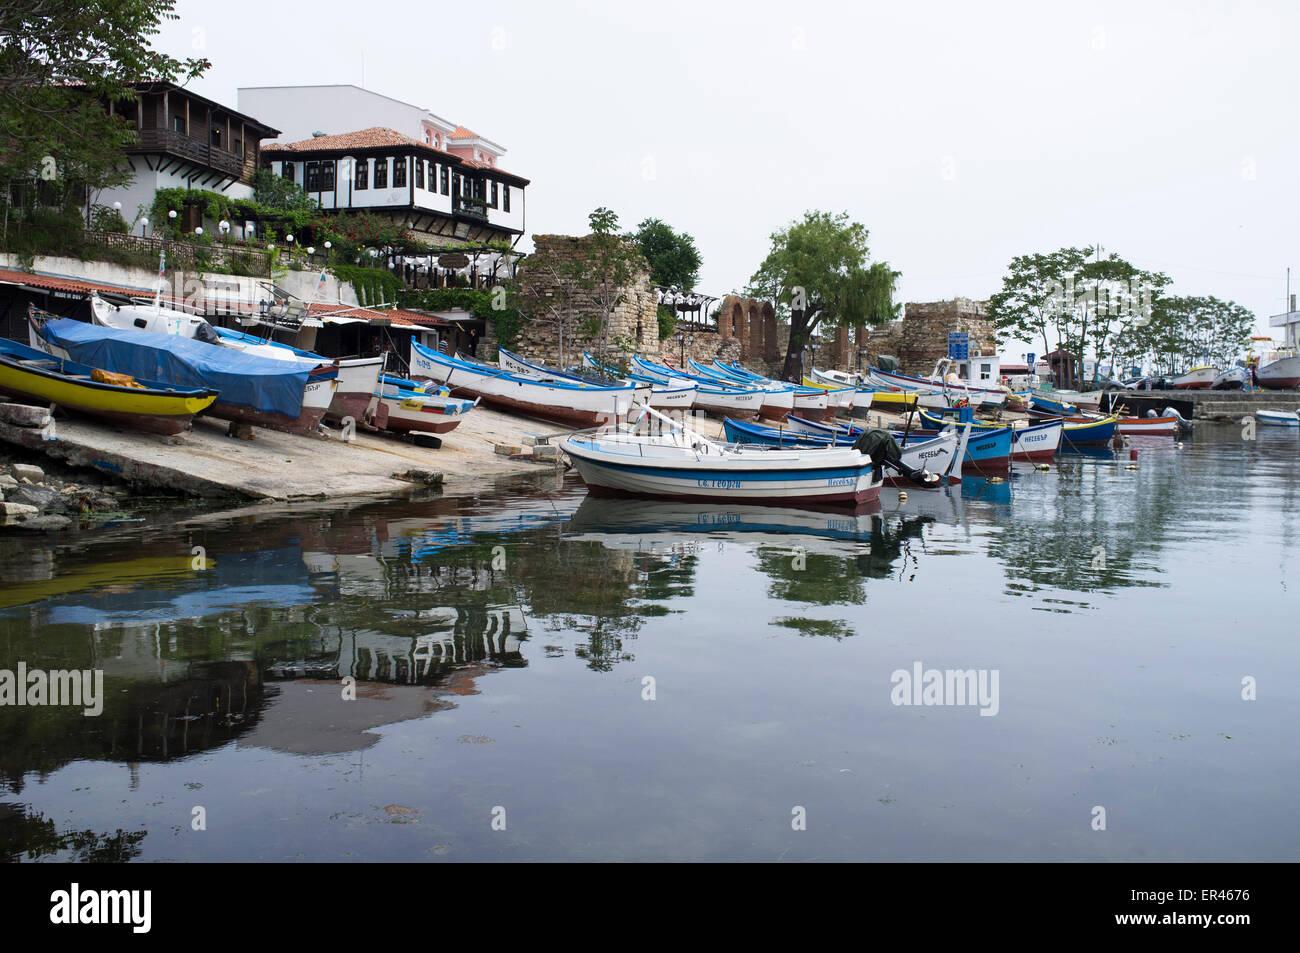 Des bateaux de pêche à l'amarrage de Nessebar, Bulgarie Photo Stock